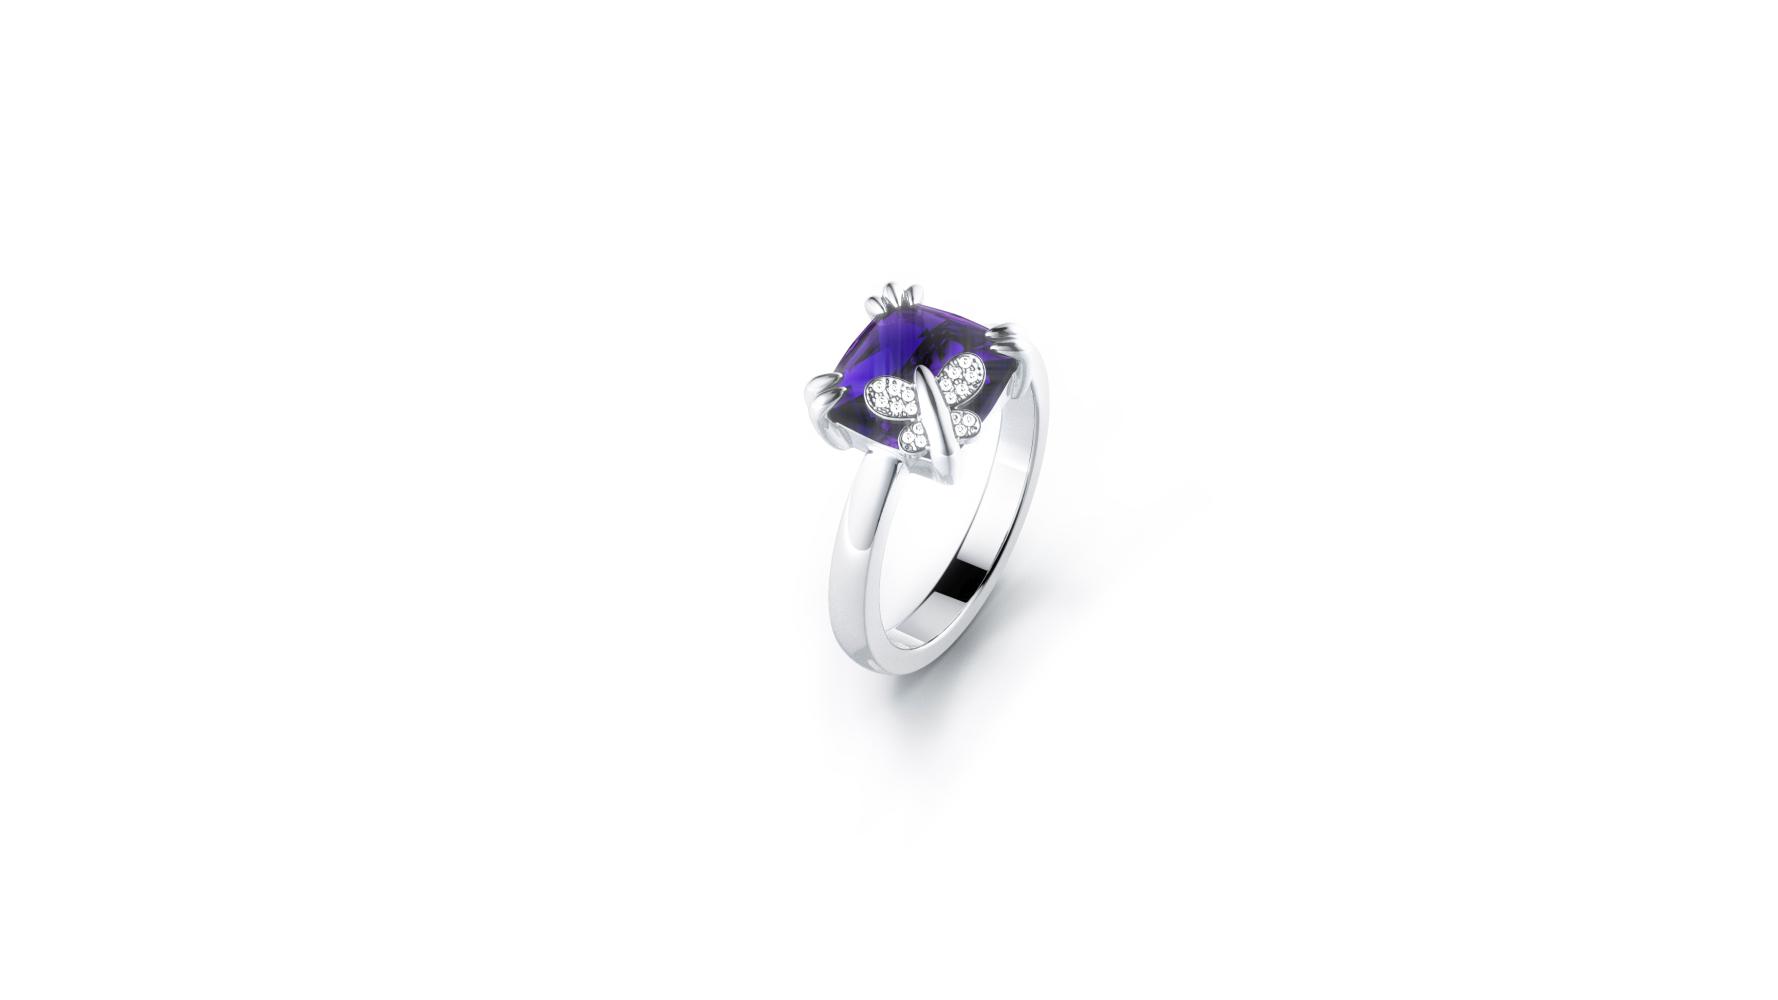 Zlatni prsten s briljantima i ametistom_Zaks_ 4.237,50 kn(2)